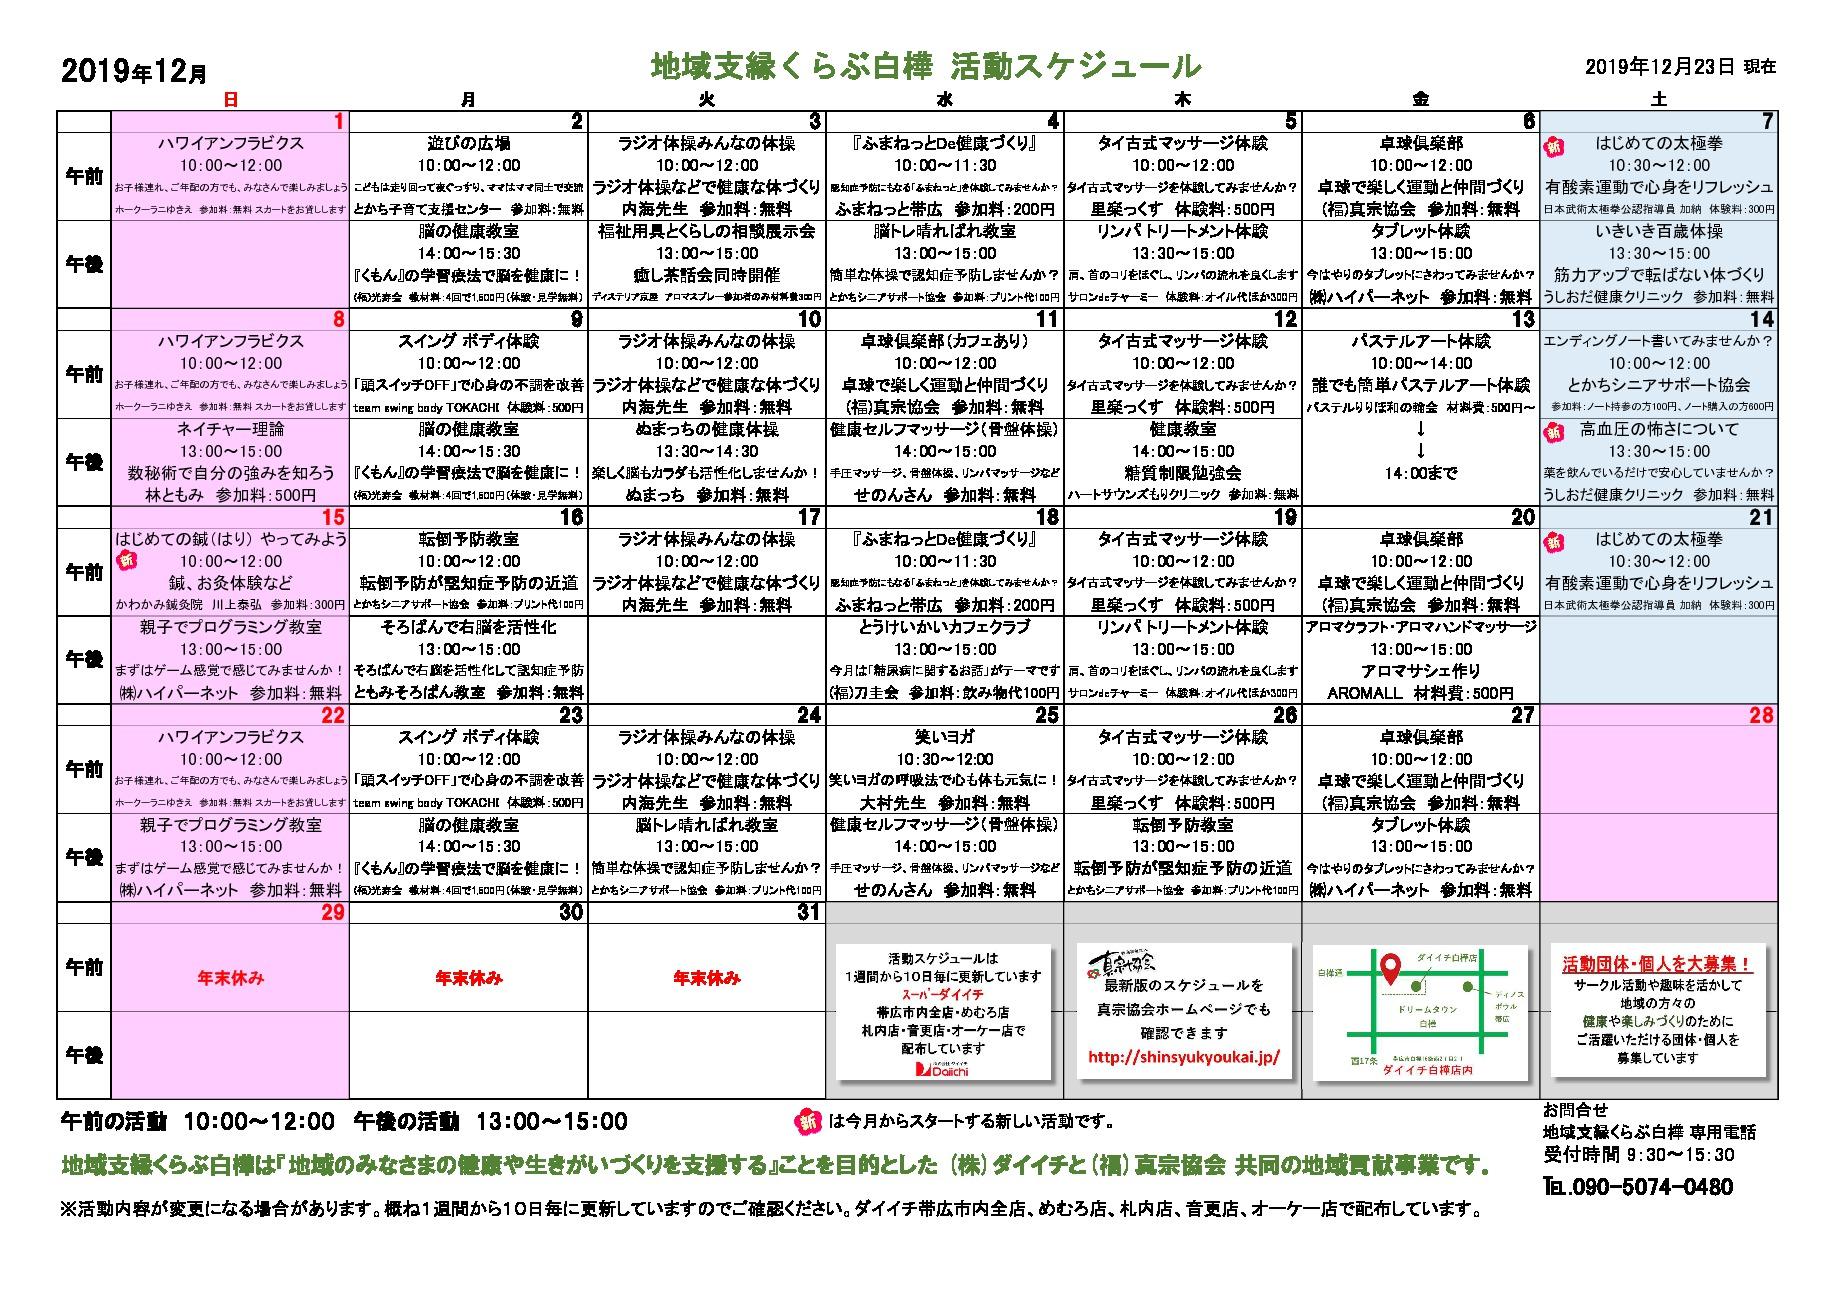 2019活動スケジュール12(2019.12.23付)のサムネイル